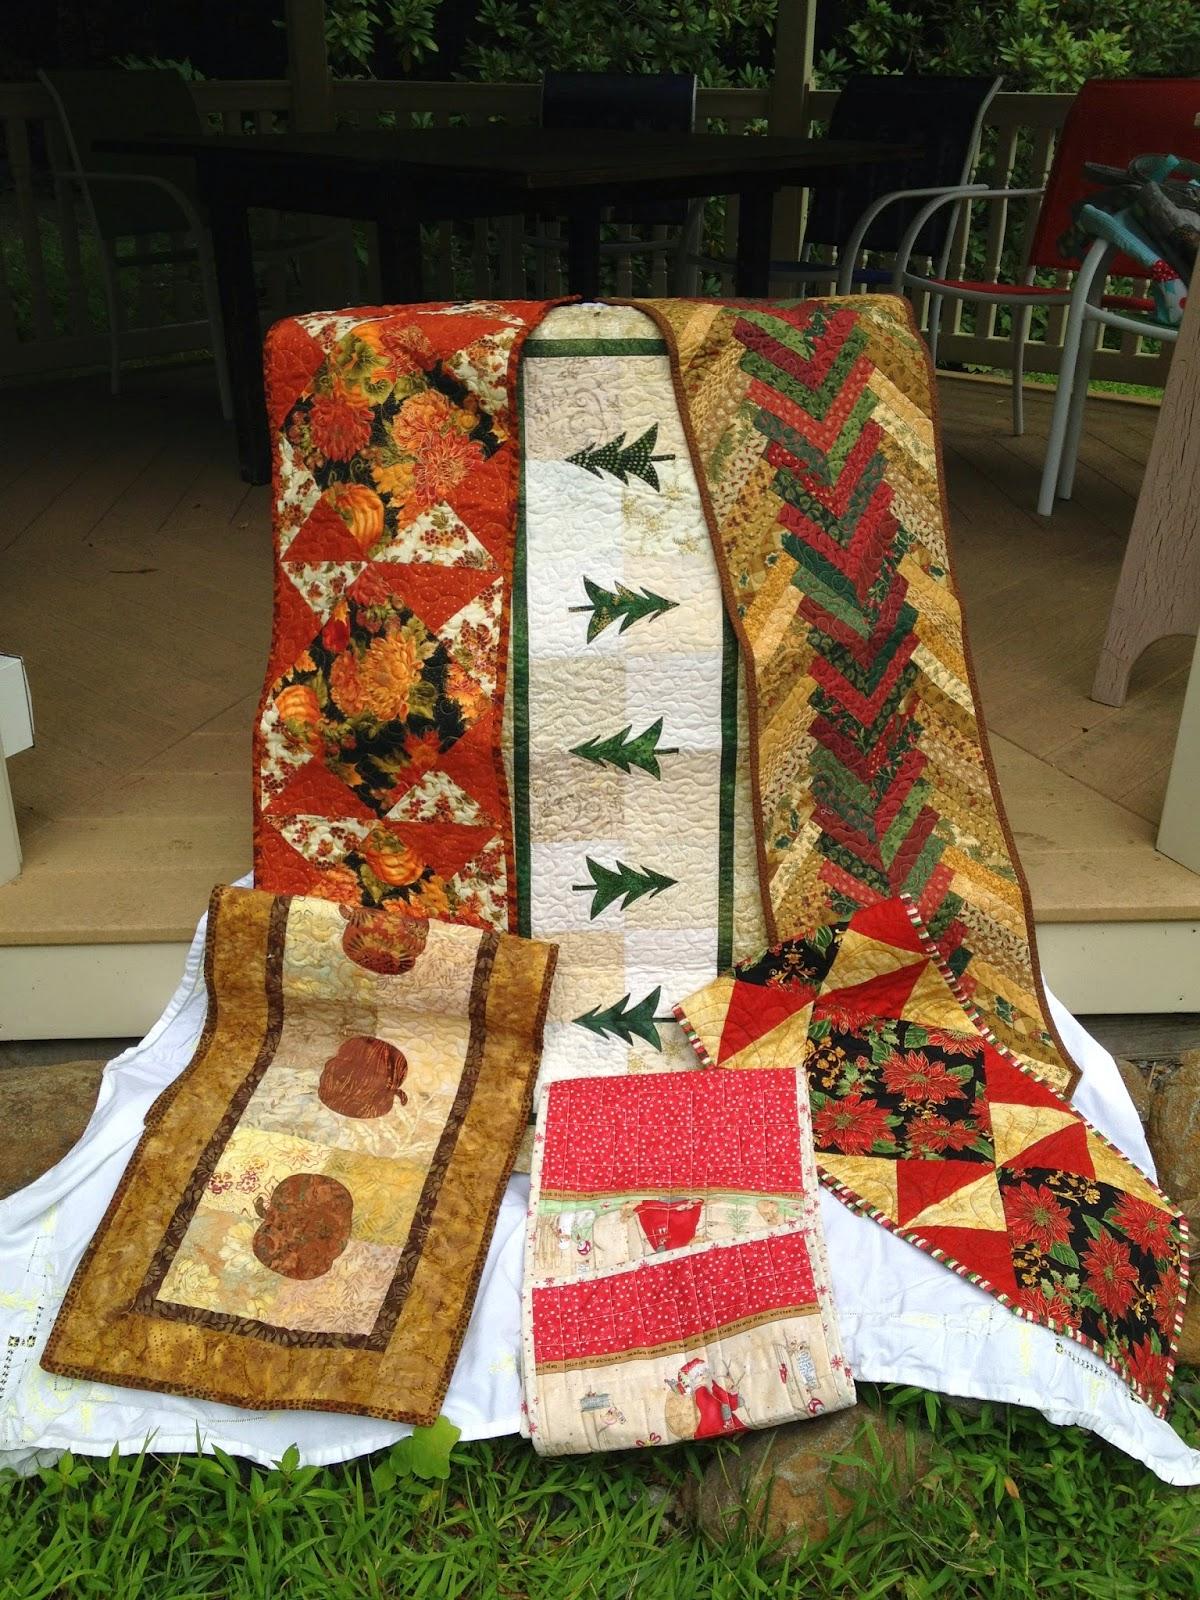 linda mendenhall - quilts / fiber